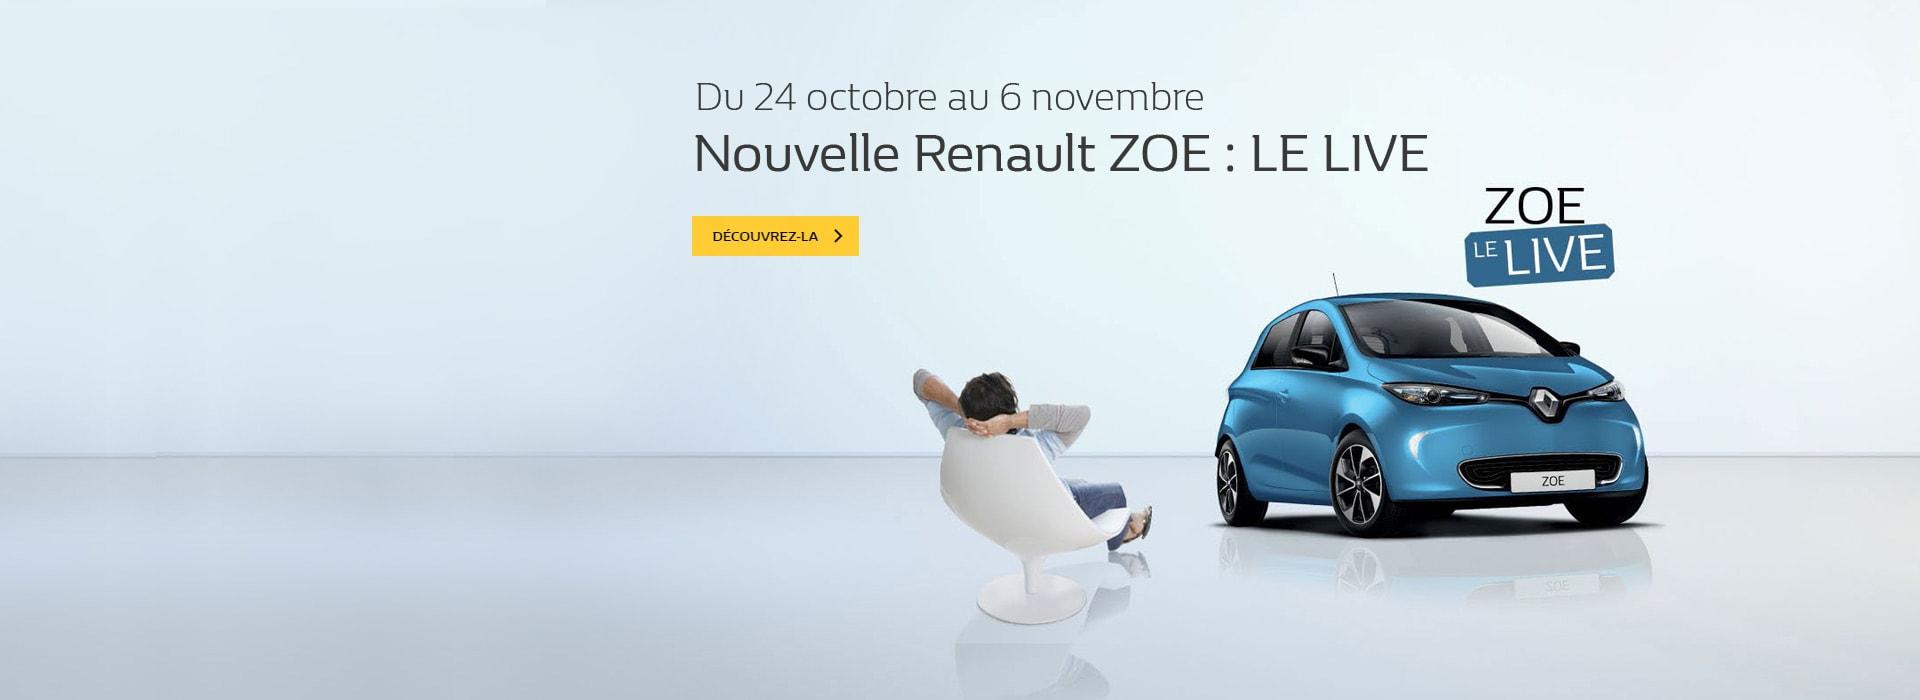 Ne ratez rien du lancement de la Nouvelle Renault ZOE